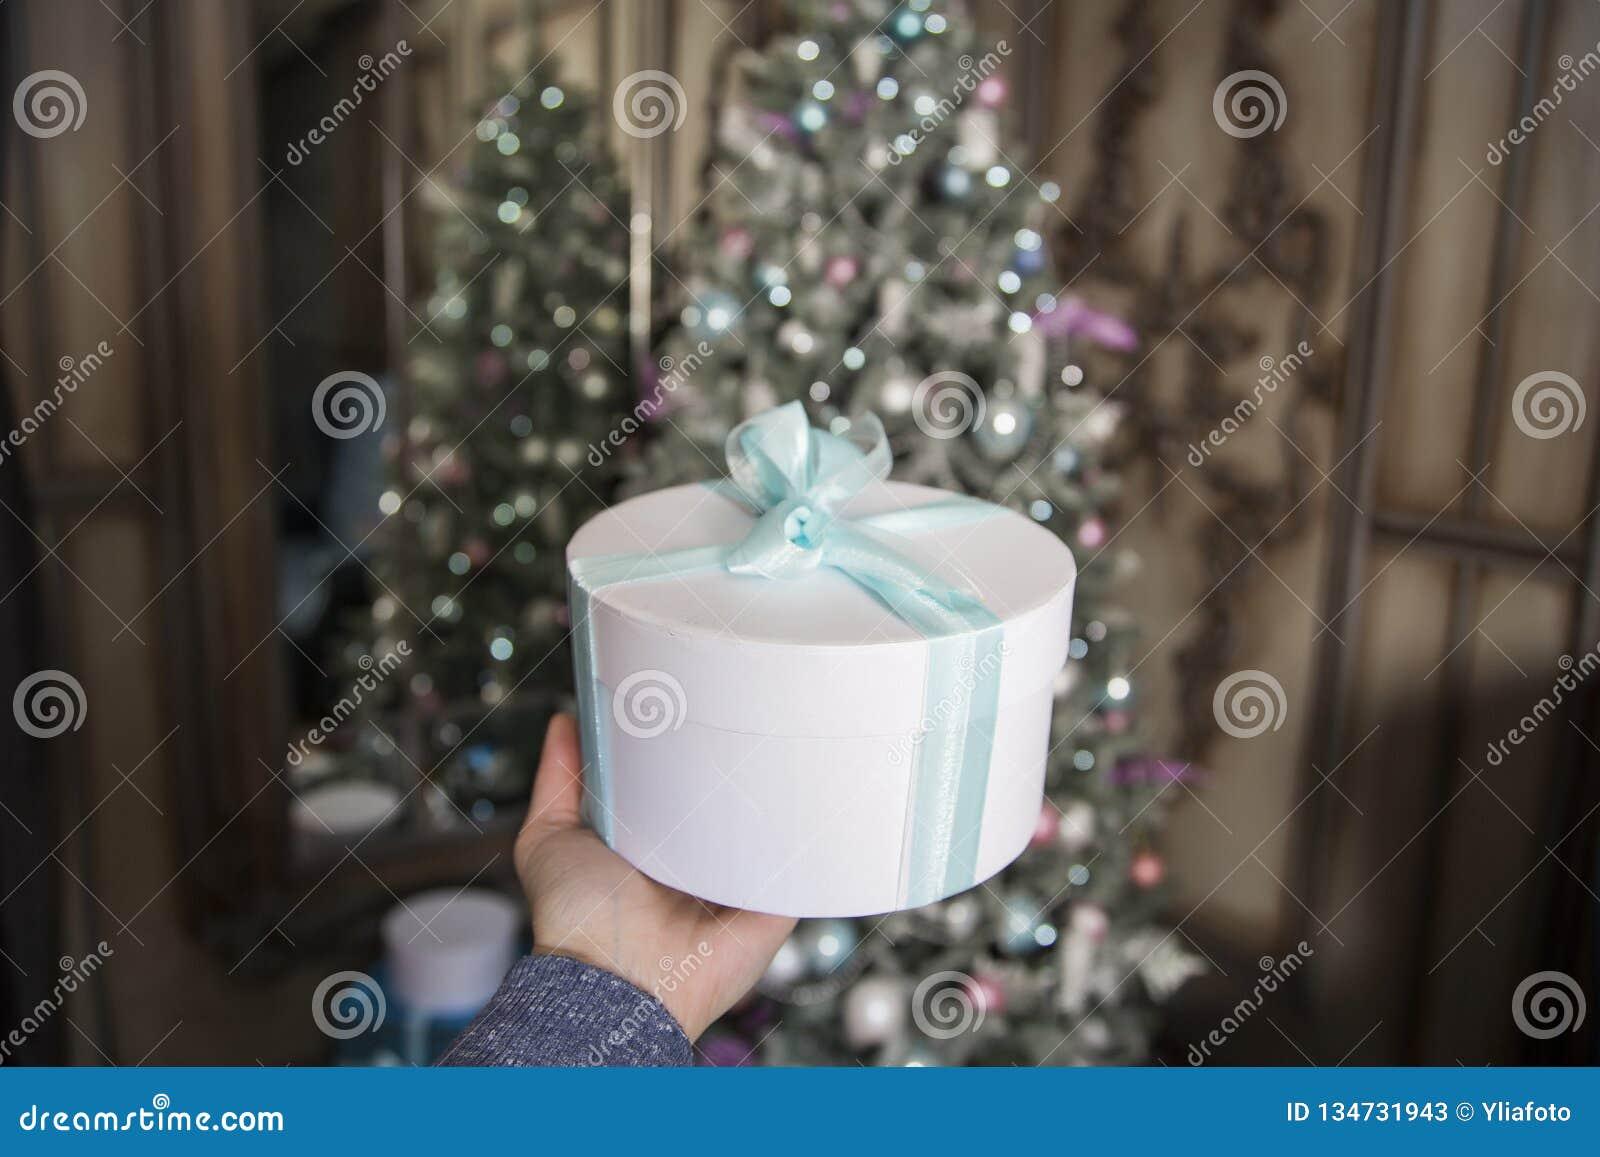 Przeciw tłu nowy rok dekorująca jedlina żeńska ręka trzyma białego prezent z zieloną taśmą